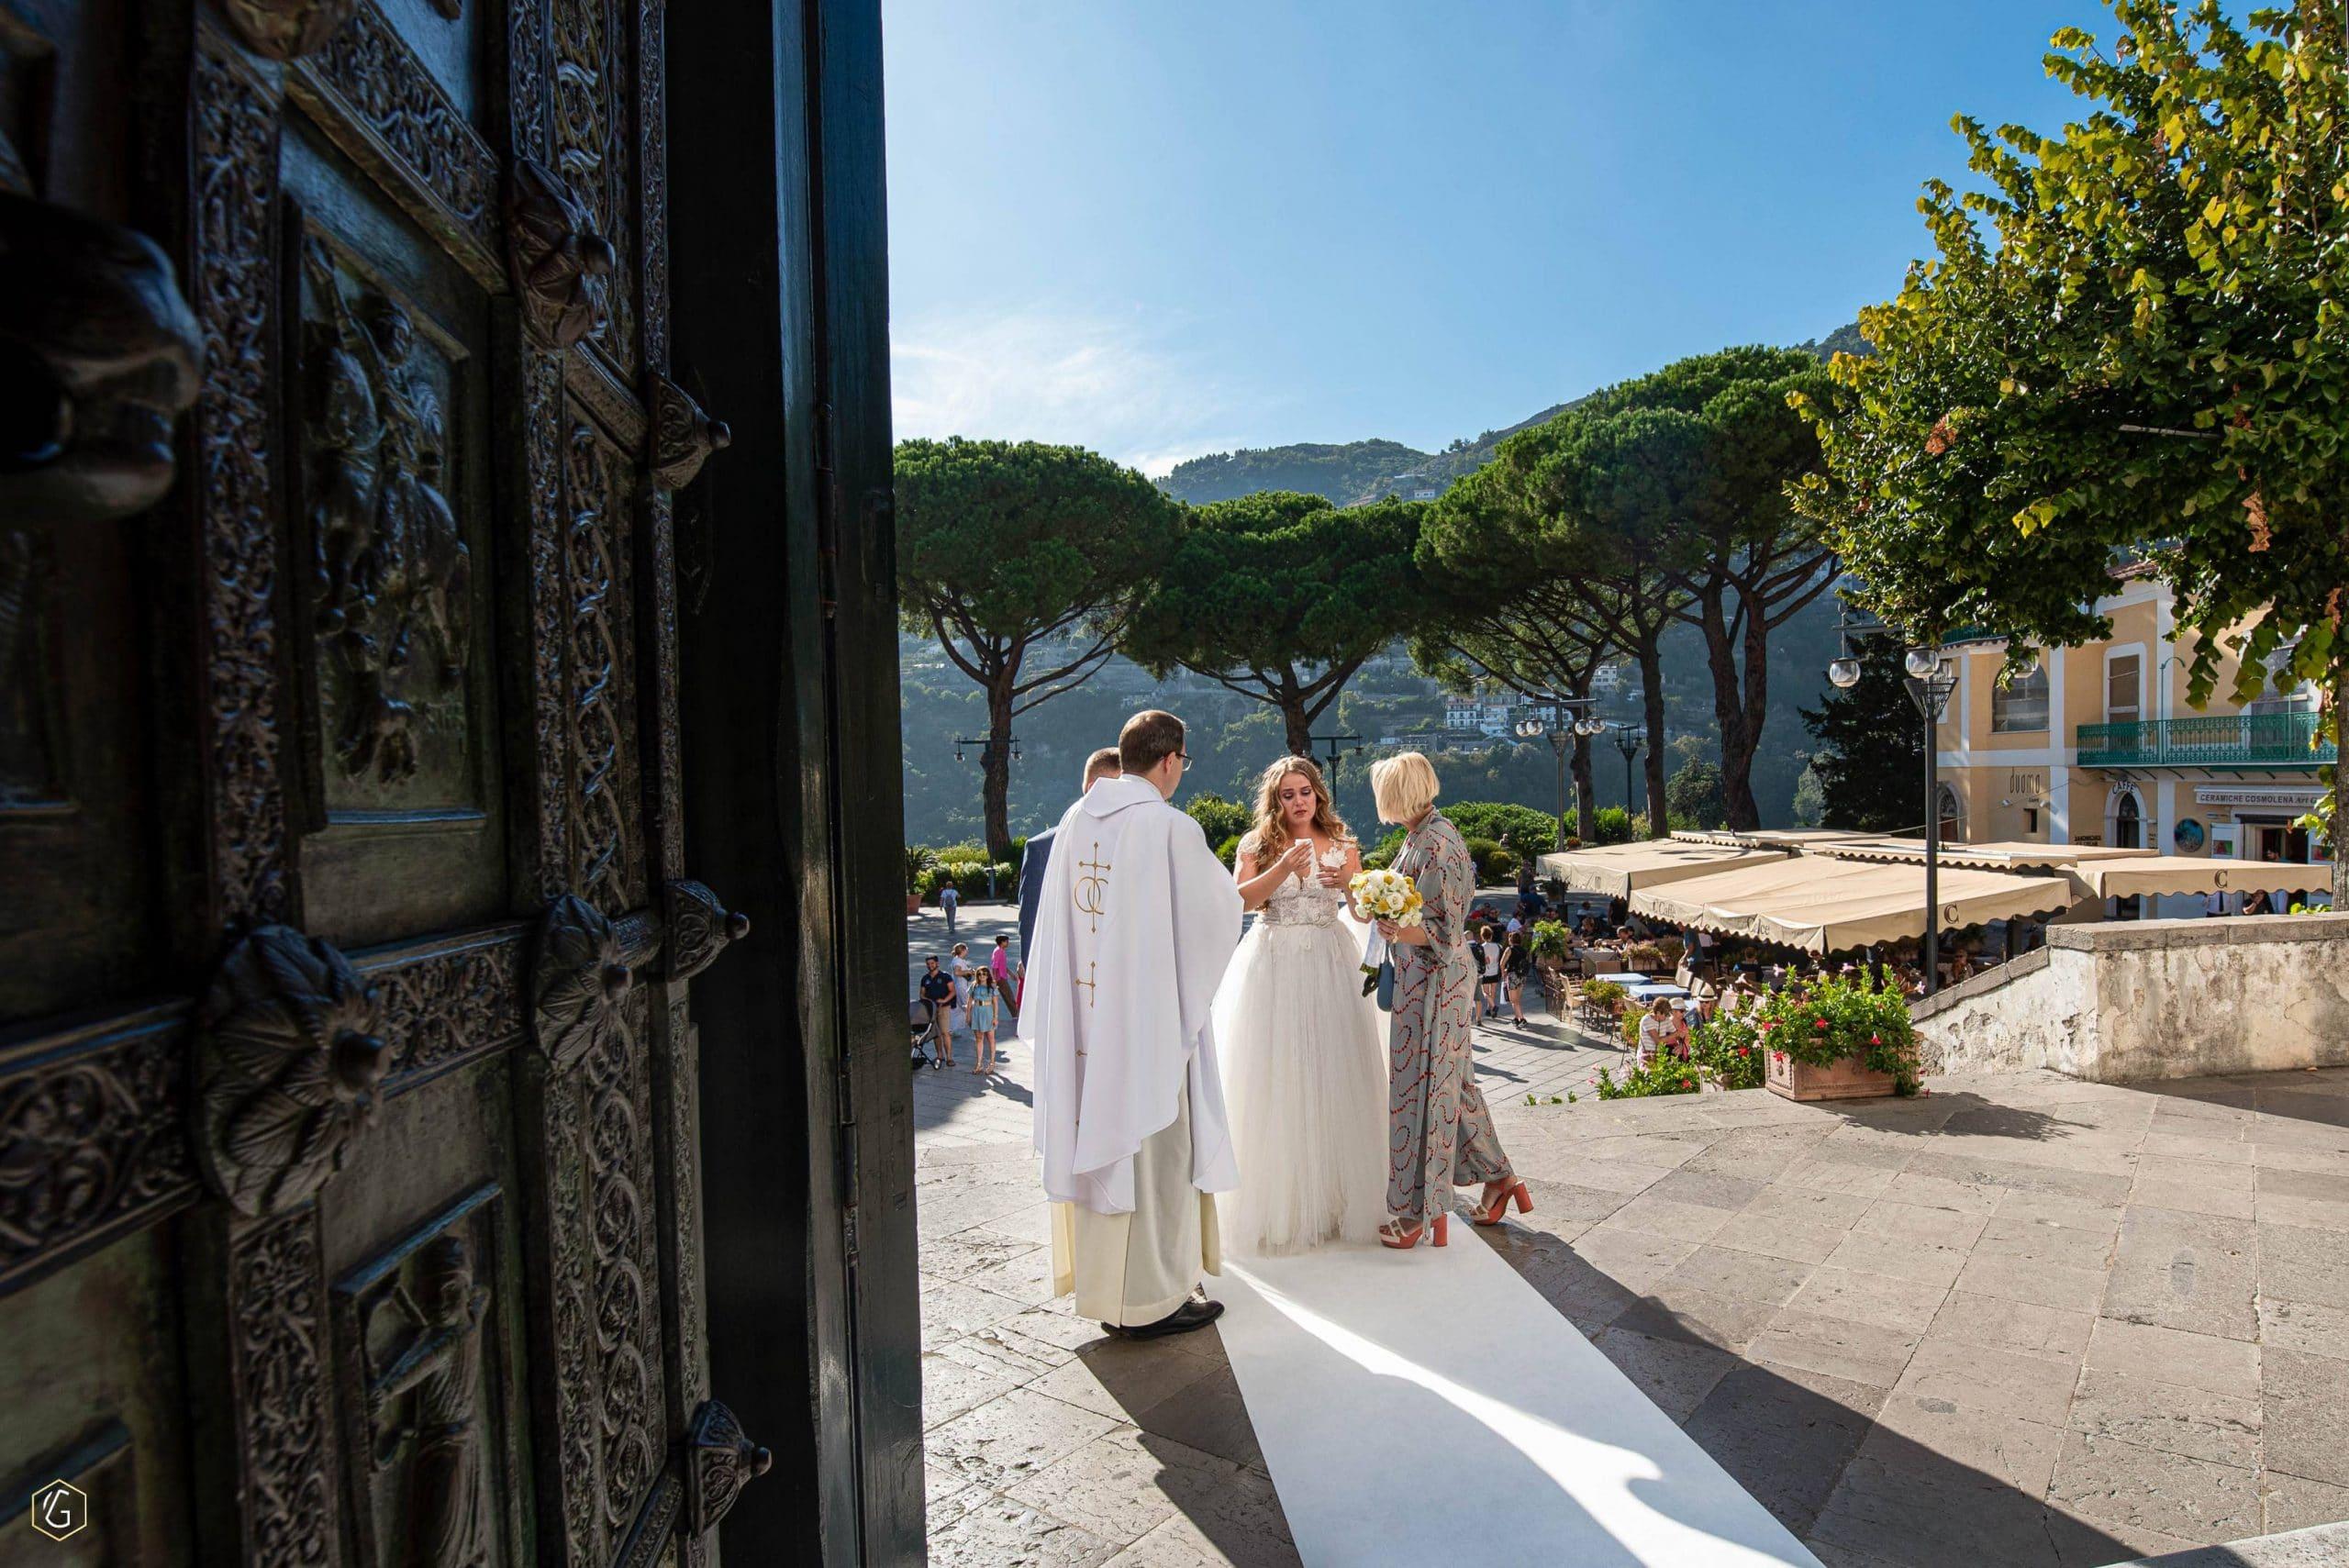 Vilma Wedding & Event Planner_ vestuvių organizavimas _vestuvių planuotoja Italijoje_Vilma Rapšaitė_vestuvių koordinavimas_santuokos planuotoja